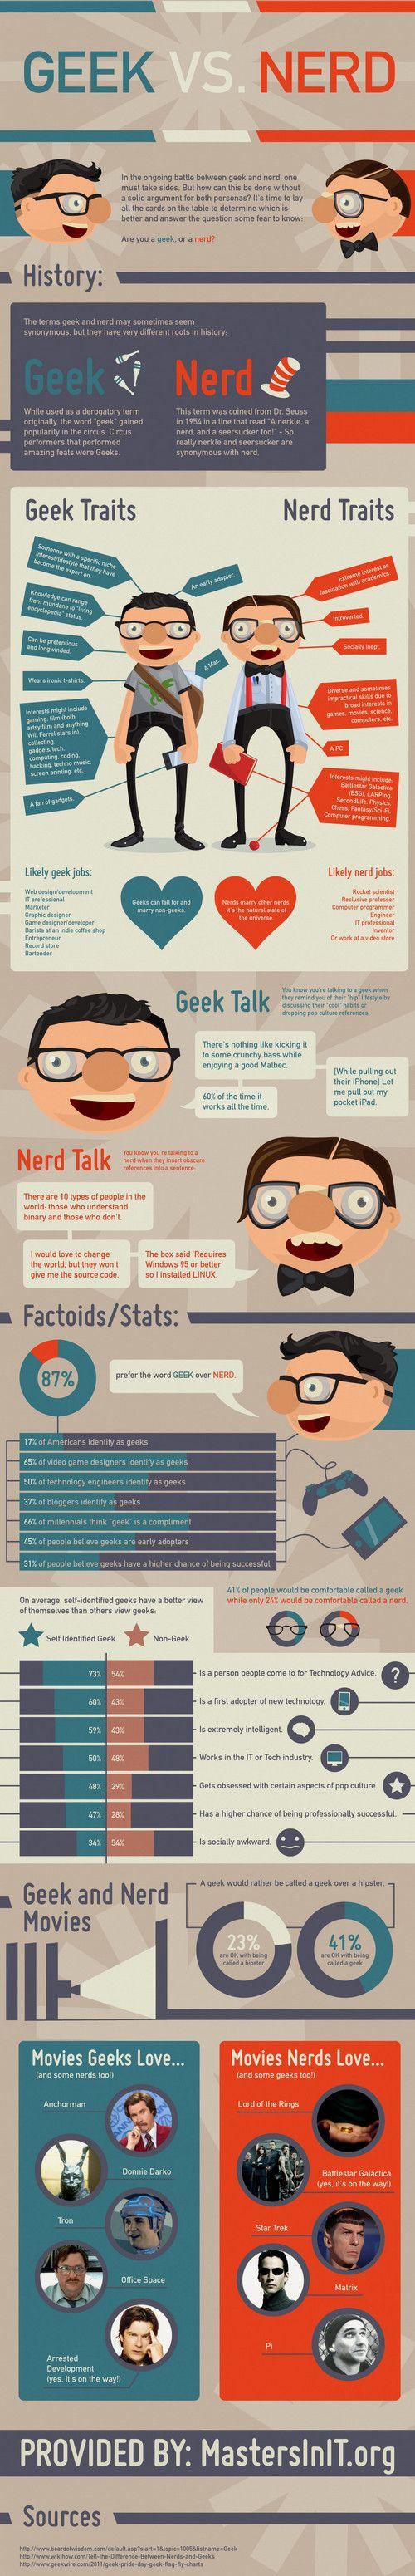 Sei Geek o Nerd? Scoprilo con questa infografica! | Geekissimo